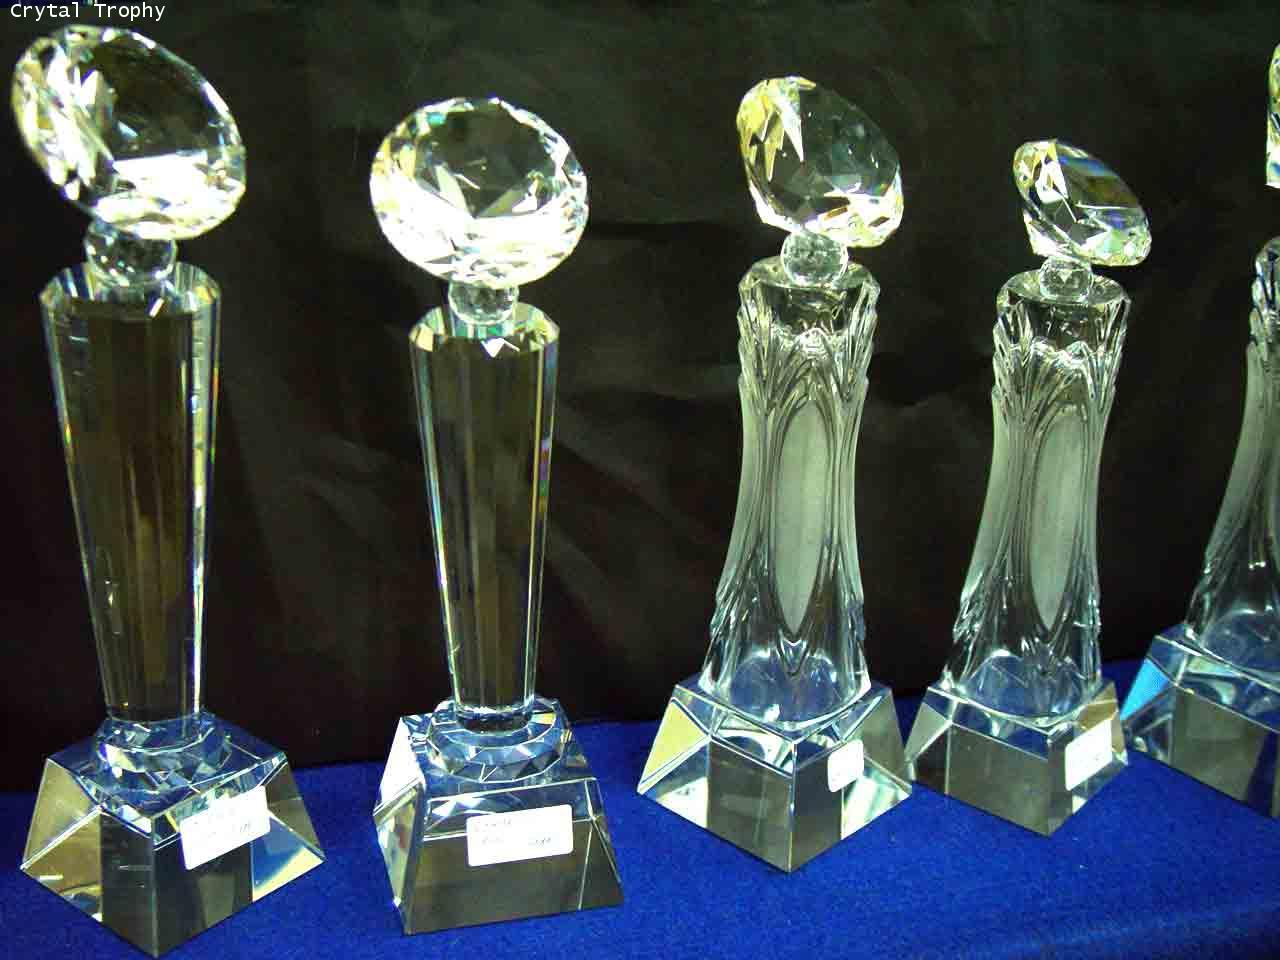 Crytal Trophy